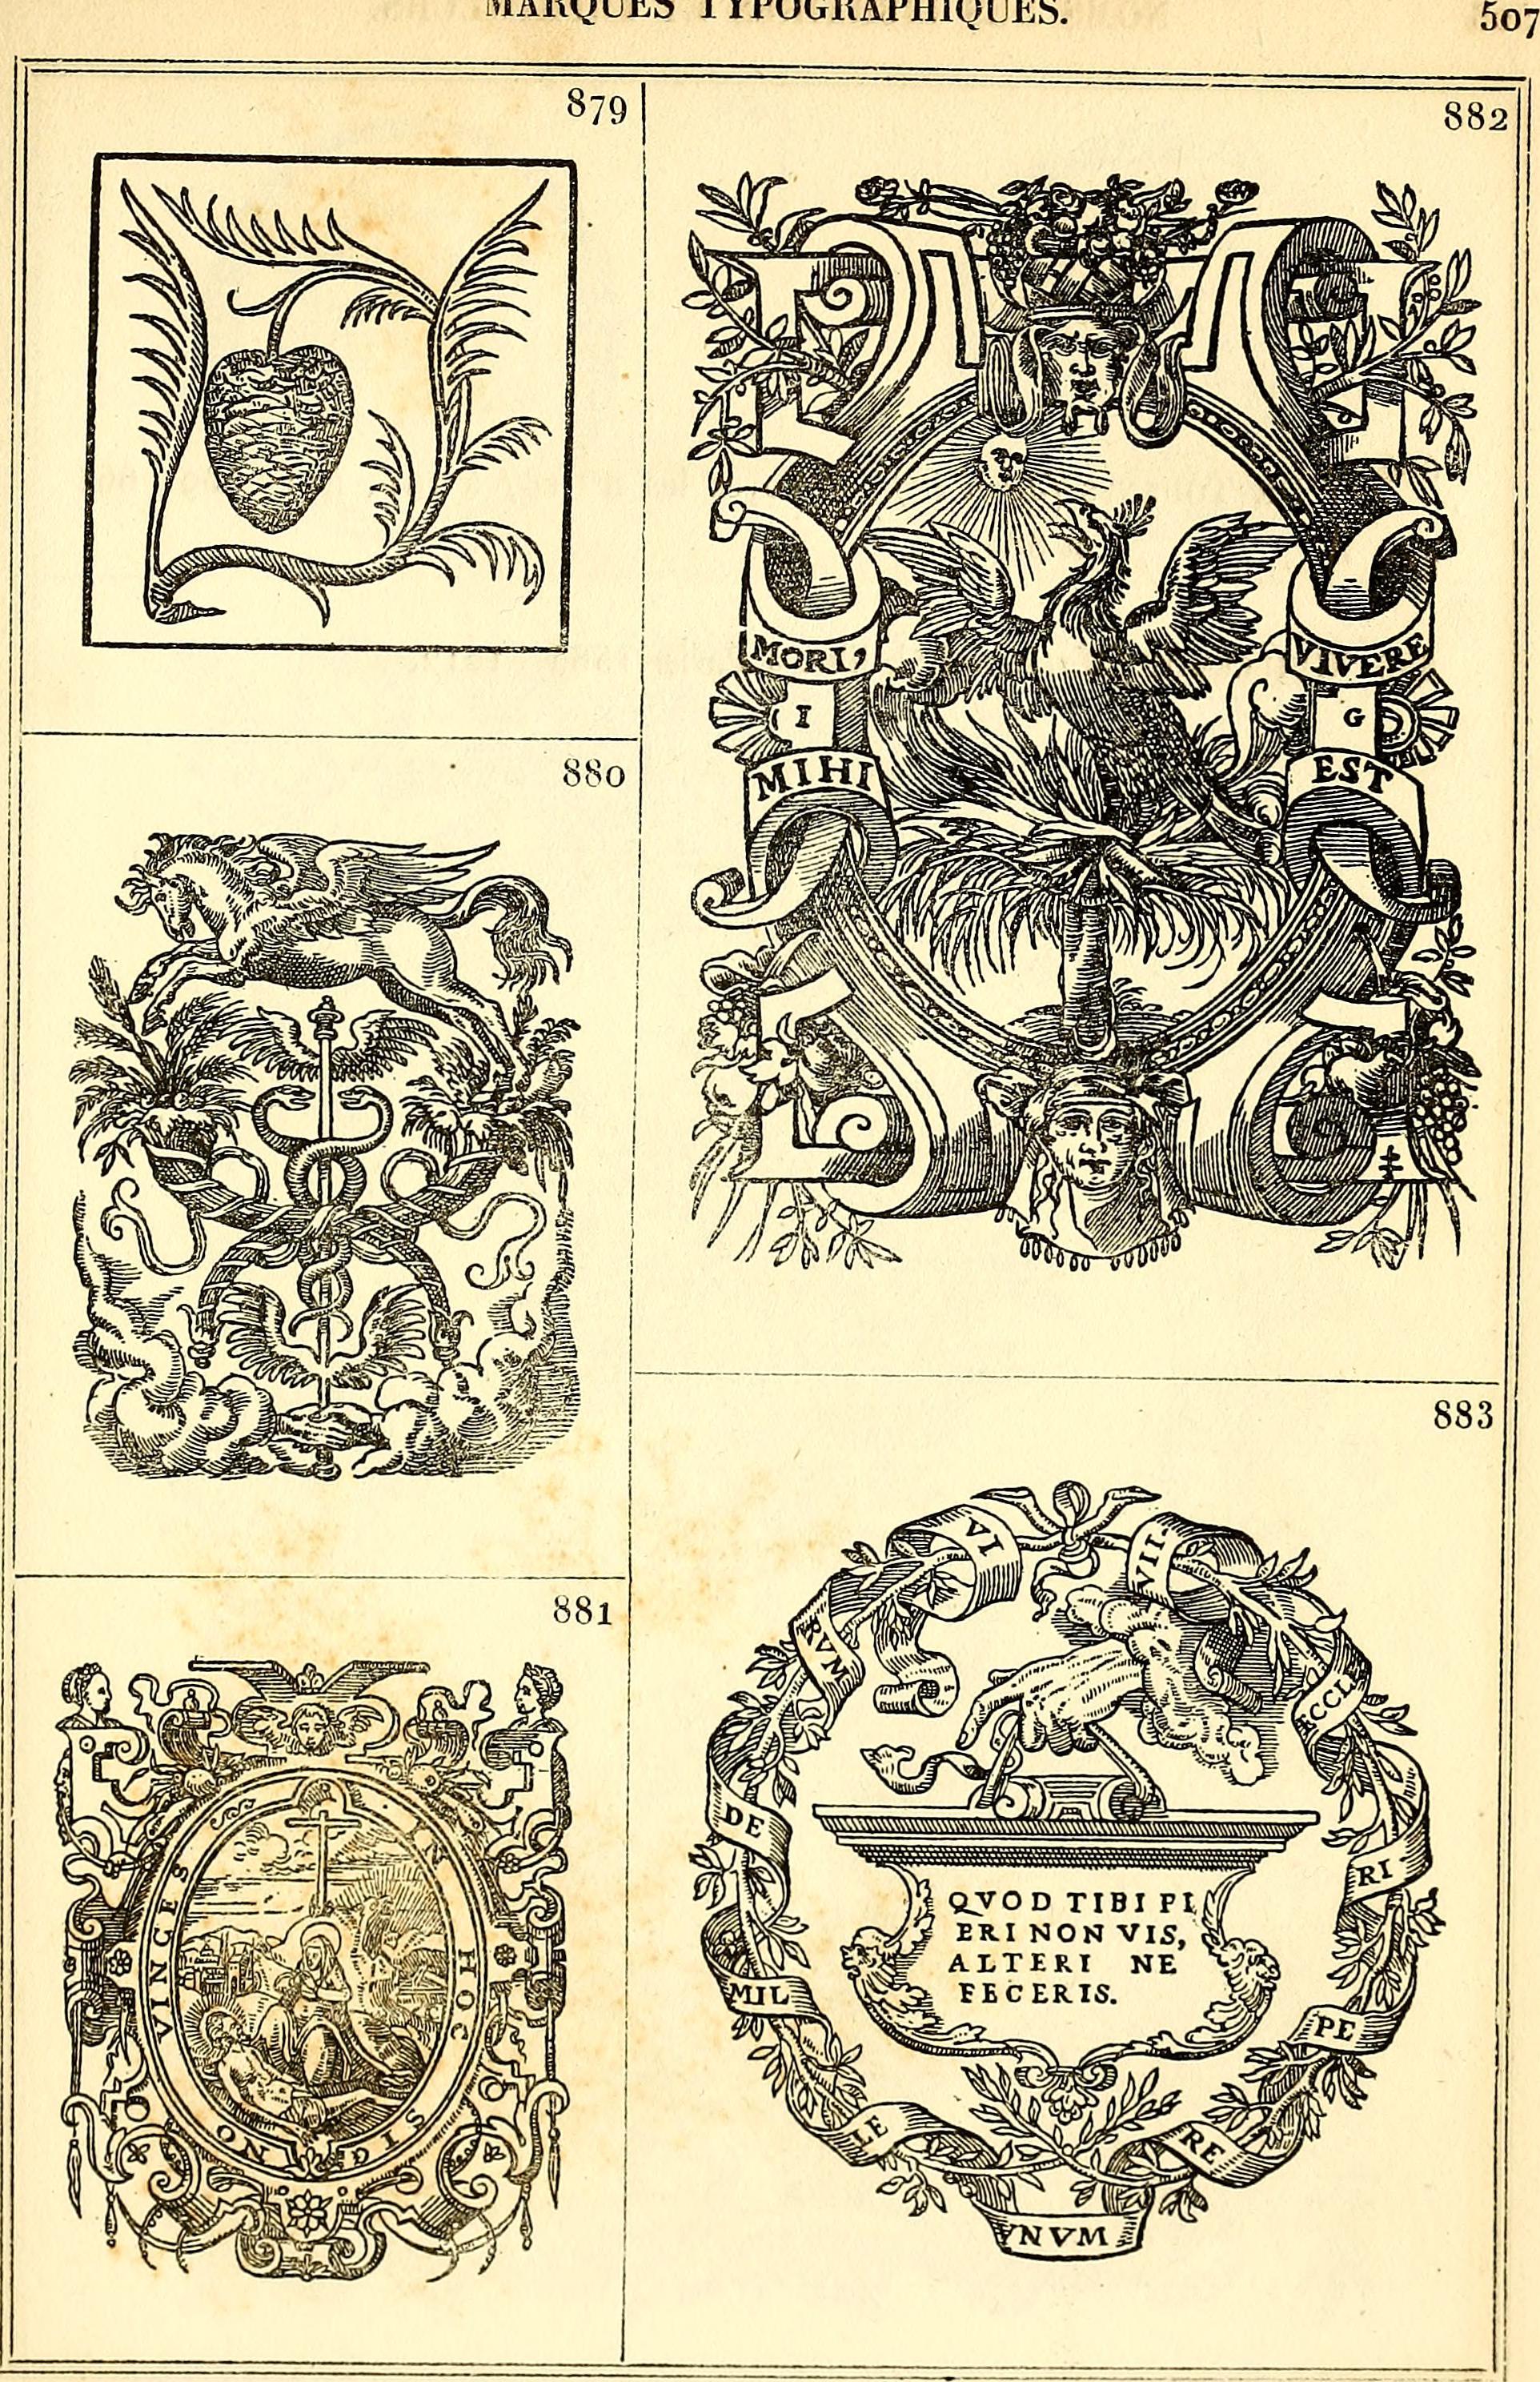 Filemarques Typographiques Ou Recueil Des Monogrammes